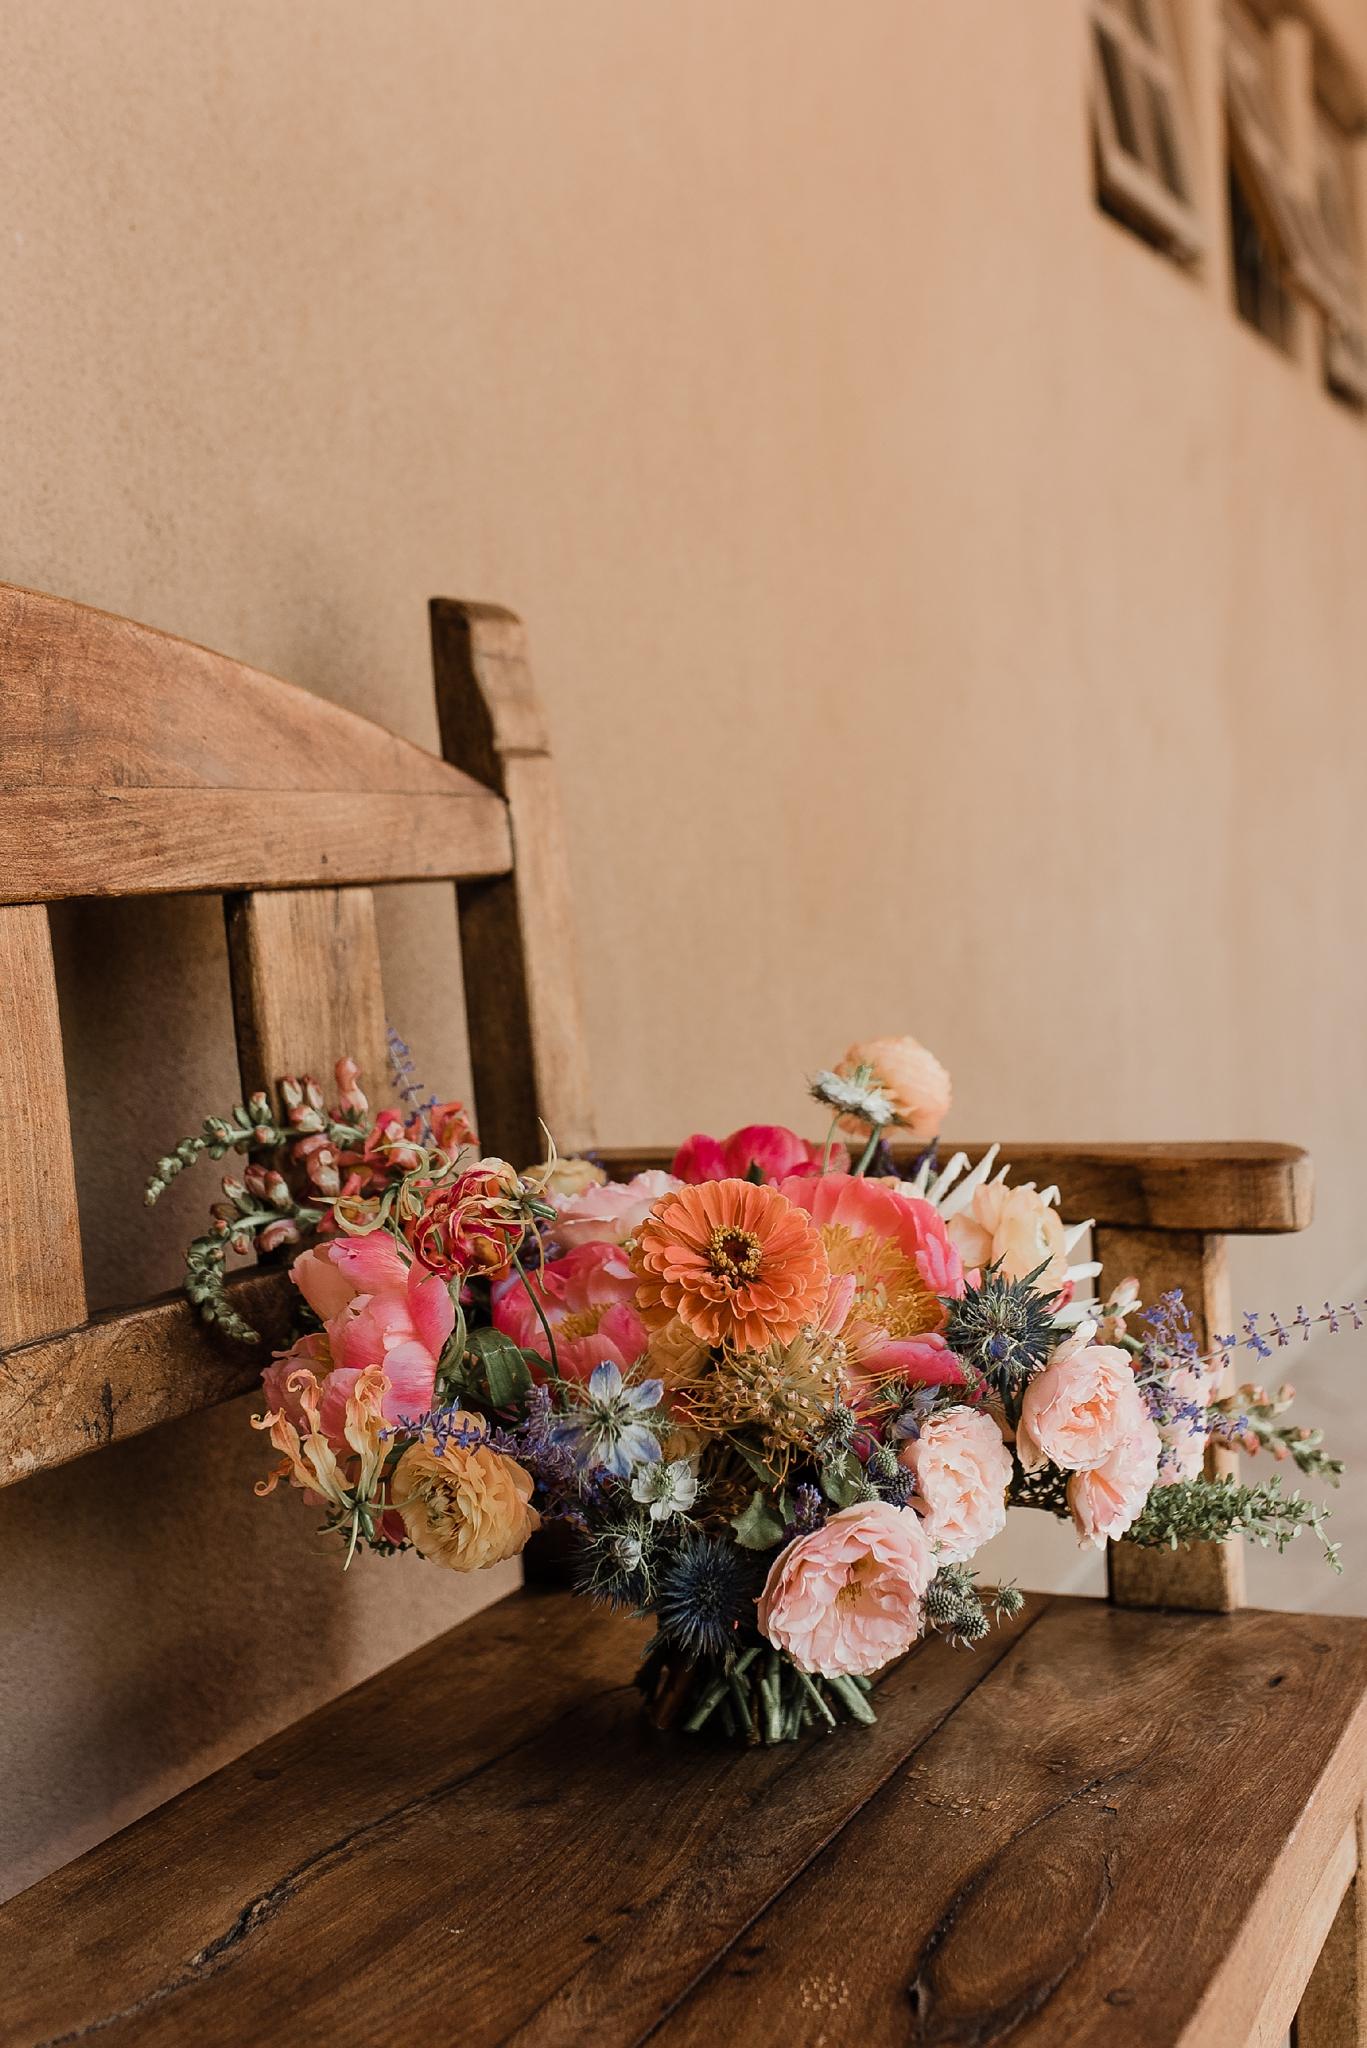 Alicia+lucia+photography+-+albuquerque+wedding+photographer+-+santa+fe+wedding+photography+-+new+mexico+wedding+photographer+-+new+mexico+wedding+-+las+campanas+wedding+-+santa+fe+wedding+-+maximalist+wedding+-+destination+wedding_0002.jpg